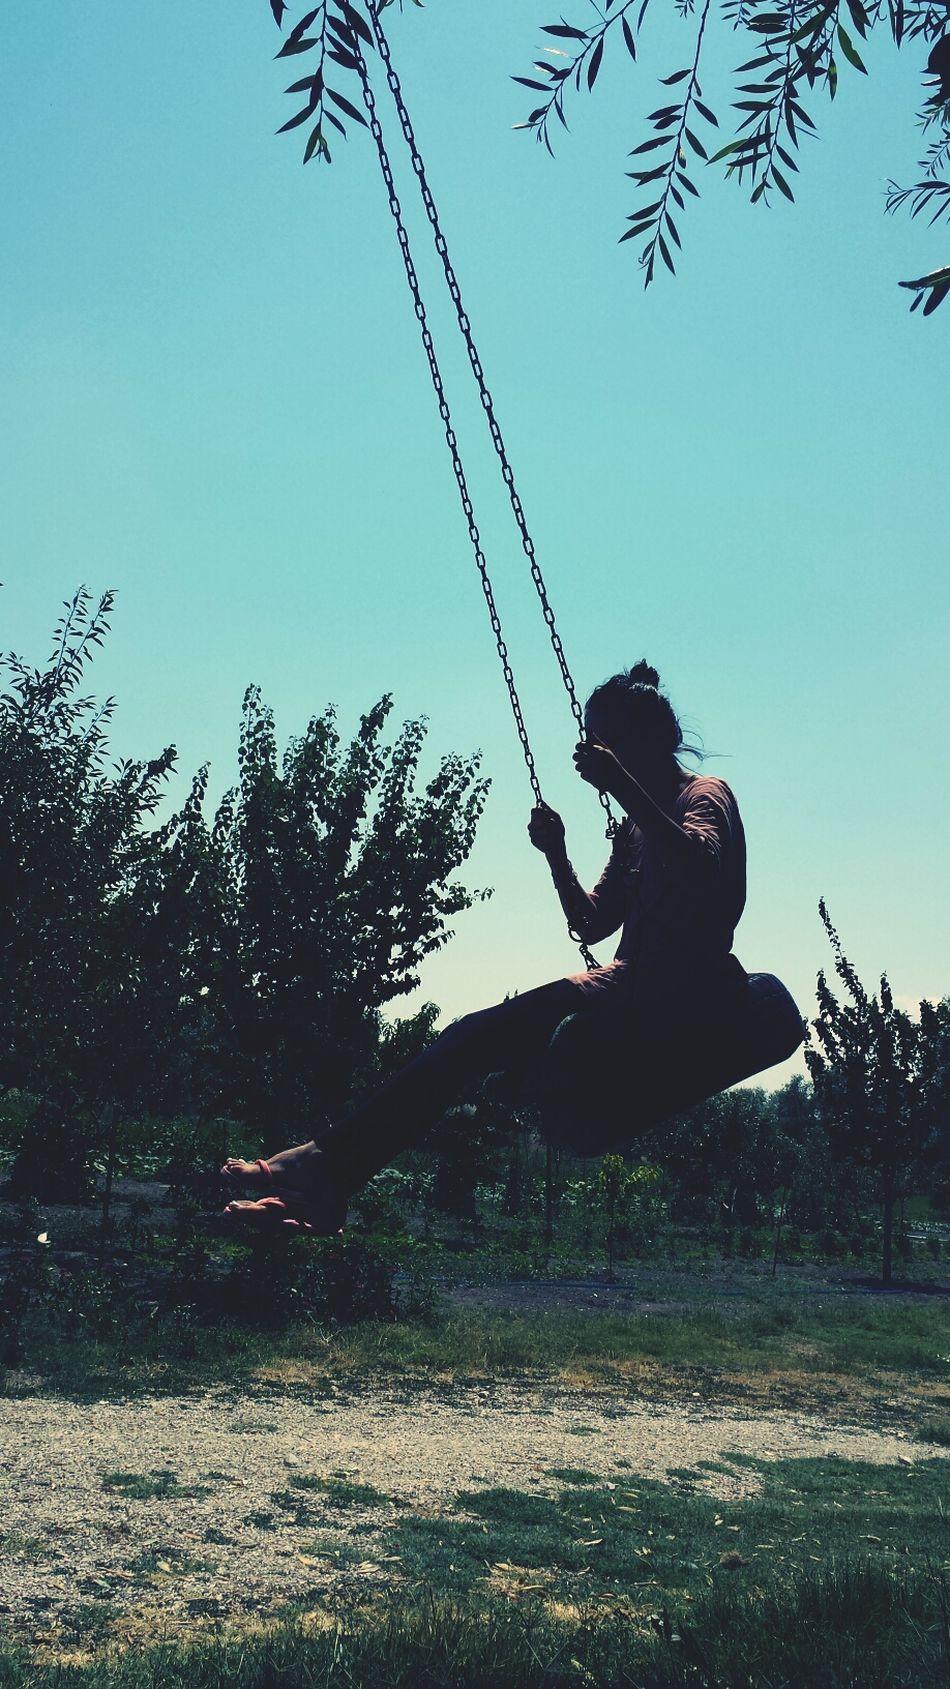 Hugging A Tree Relaxing Swing Swing Swing